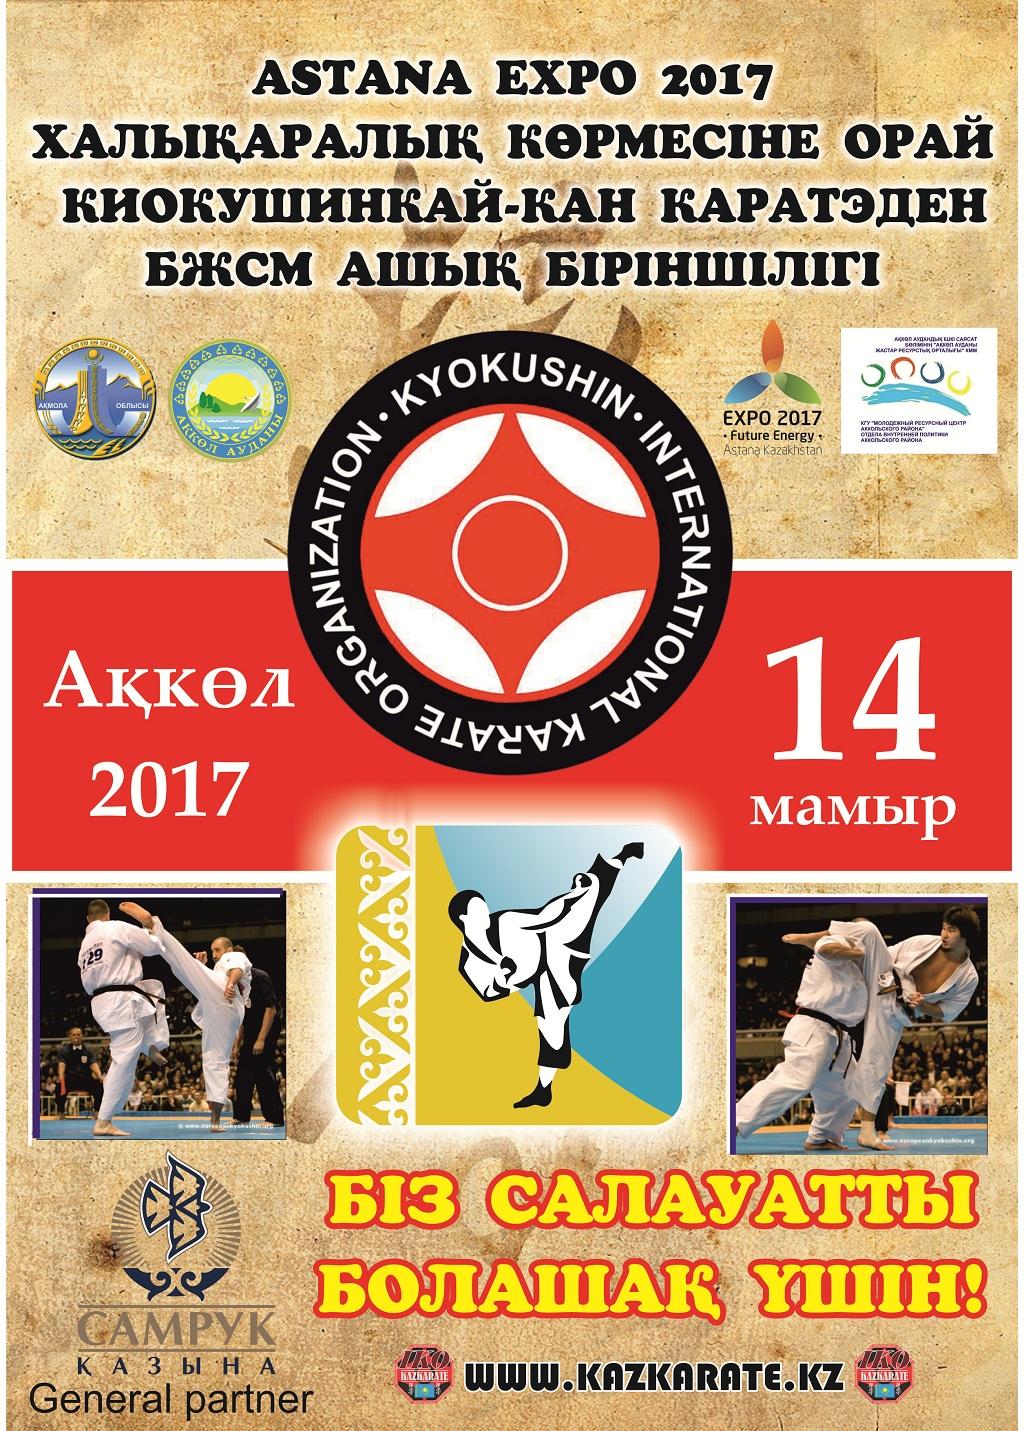 Ежегодное открытое первенство ДЮСШ по Киокушинкай-кан каратэ, посвященное международной выставке Astana EXPO-2017 среди детей, юношей и девушек